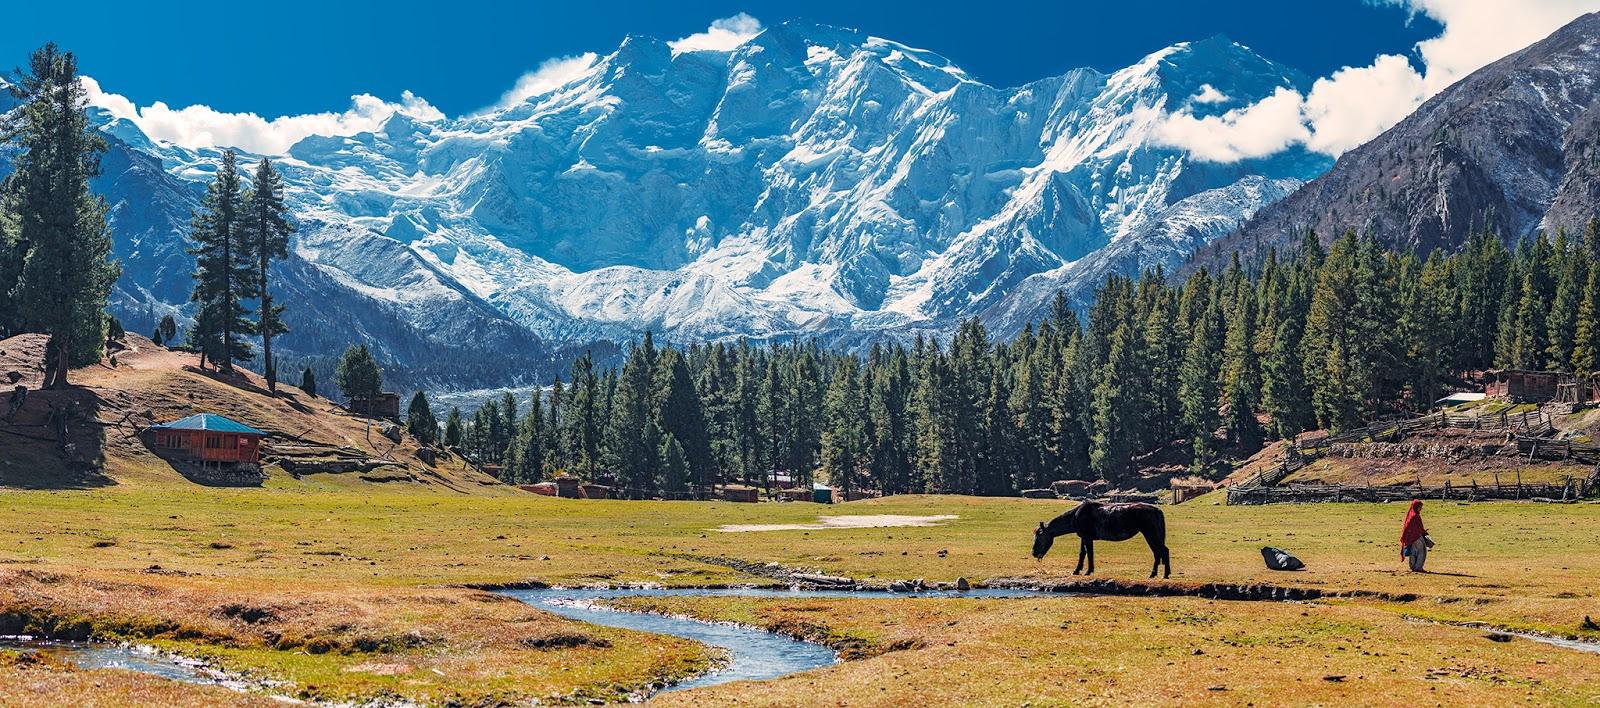 Mount Nanga Parbat